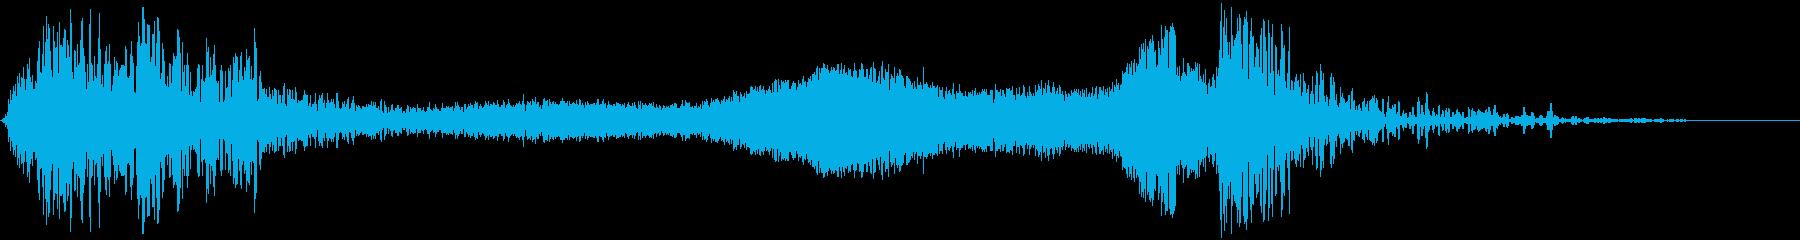 エレクトロ・アコースティック・ミュ...の再生済みの波形